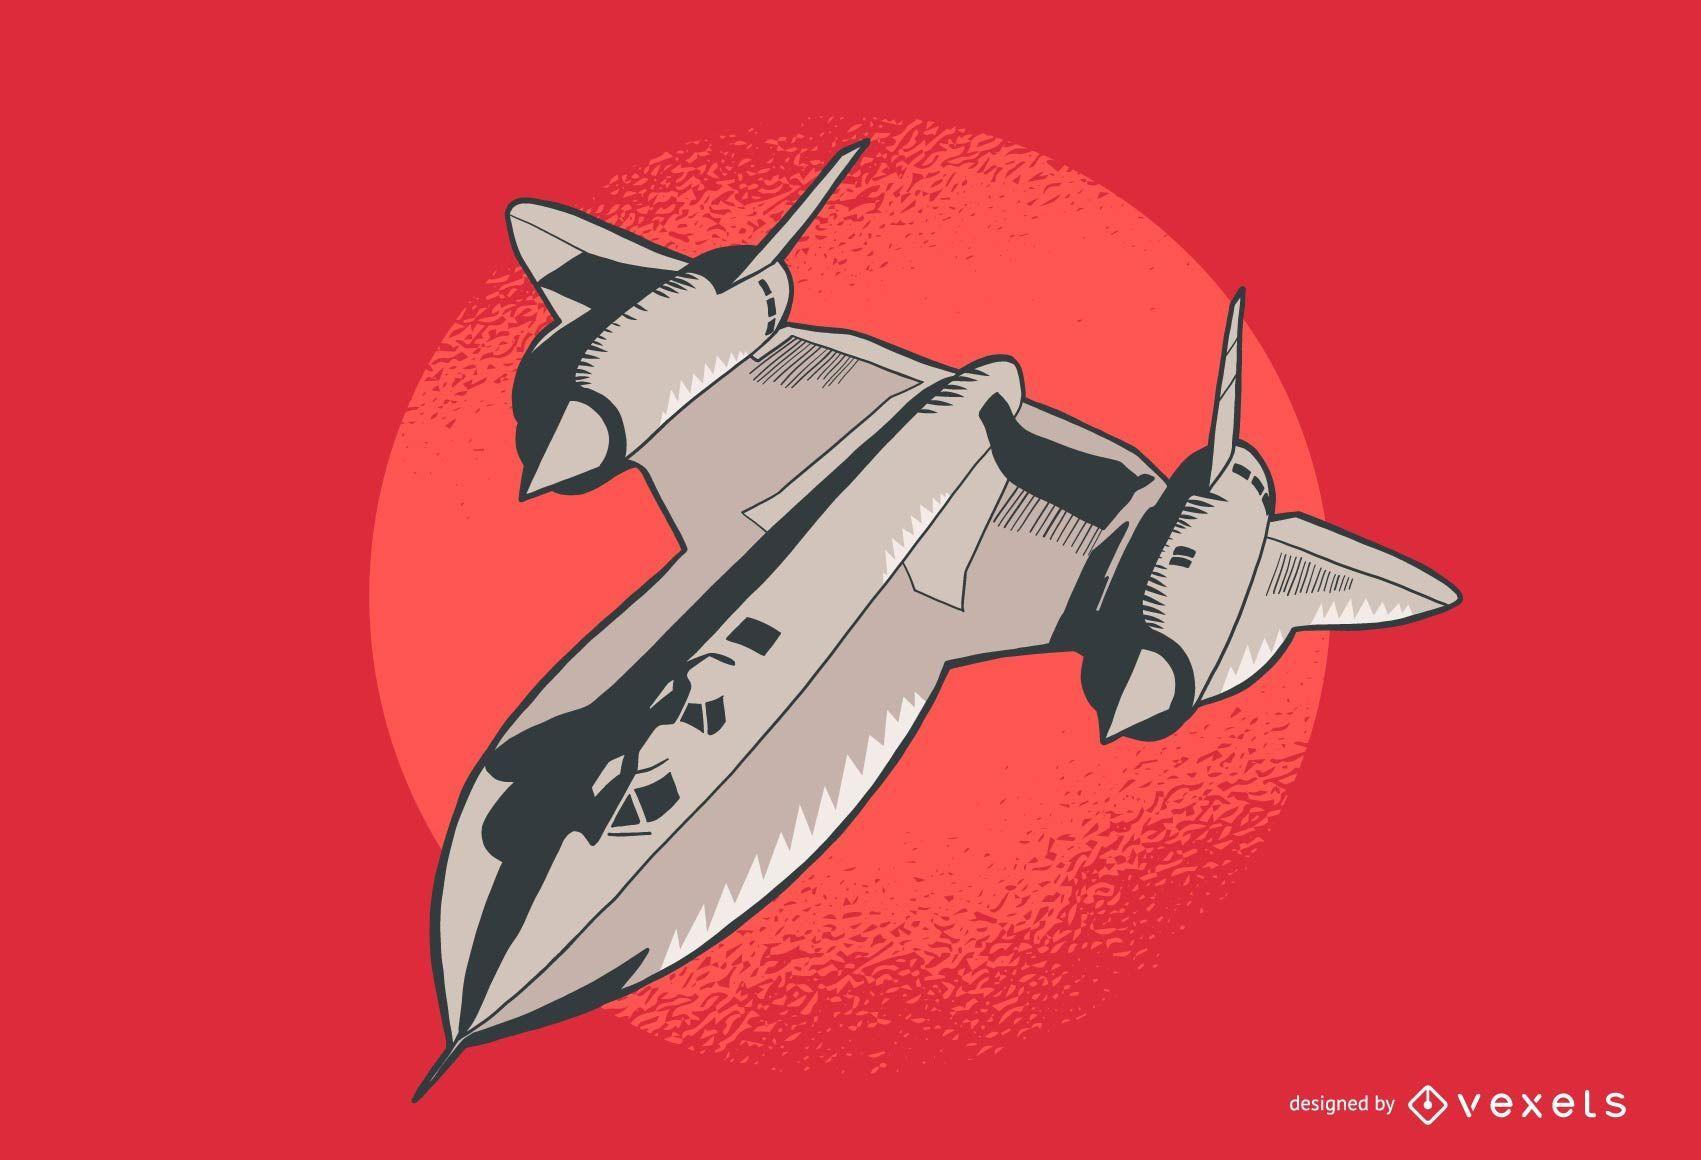 Lockheed airplane illustration